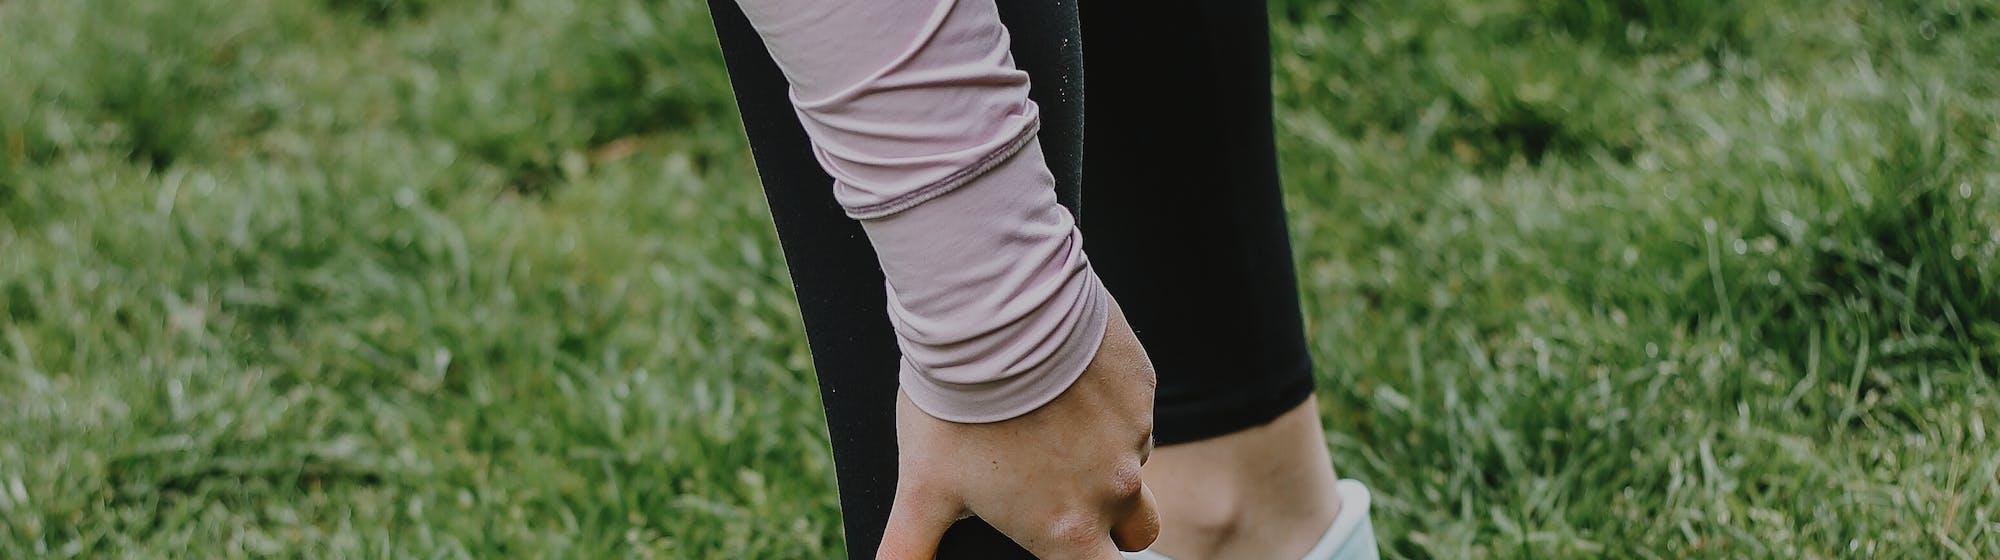 Einlagen bei Sportverletzungen